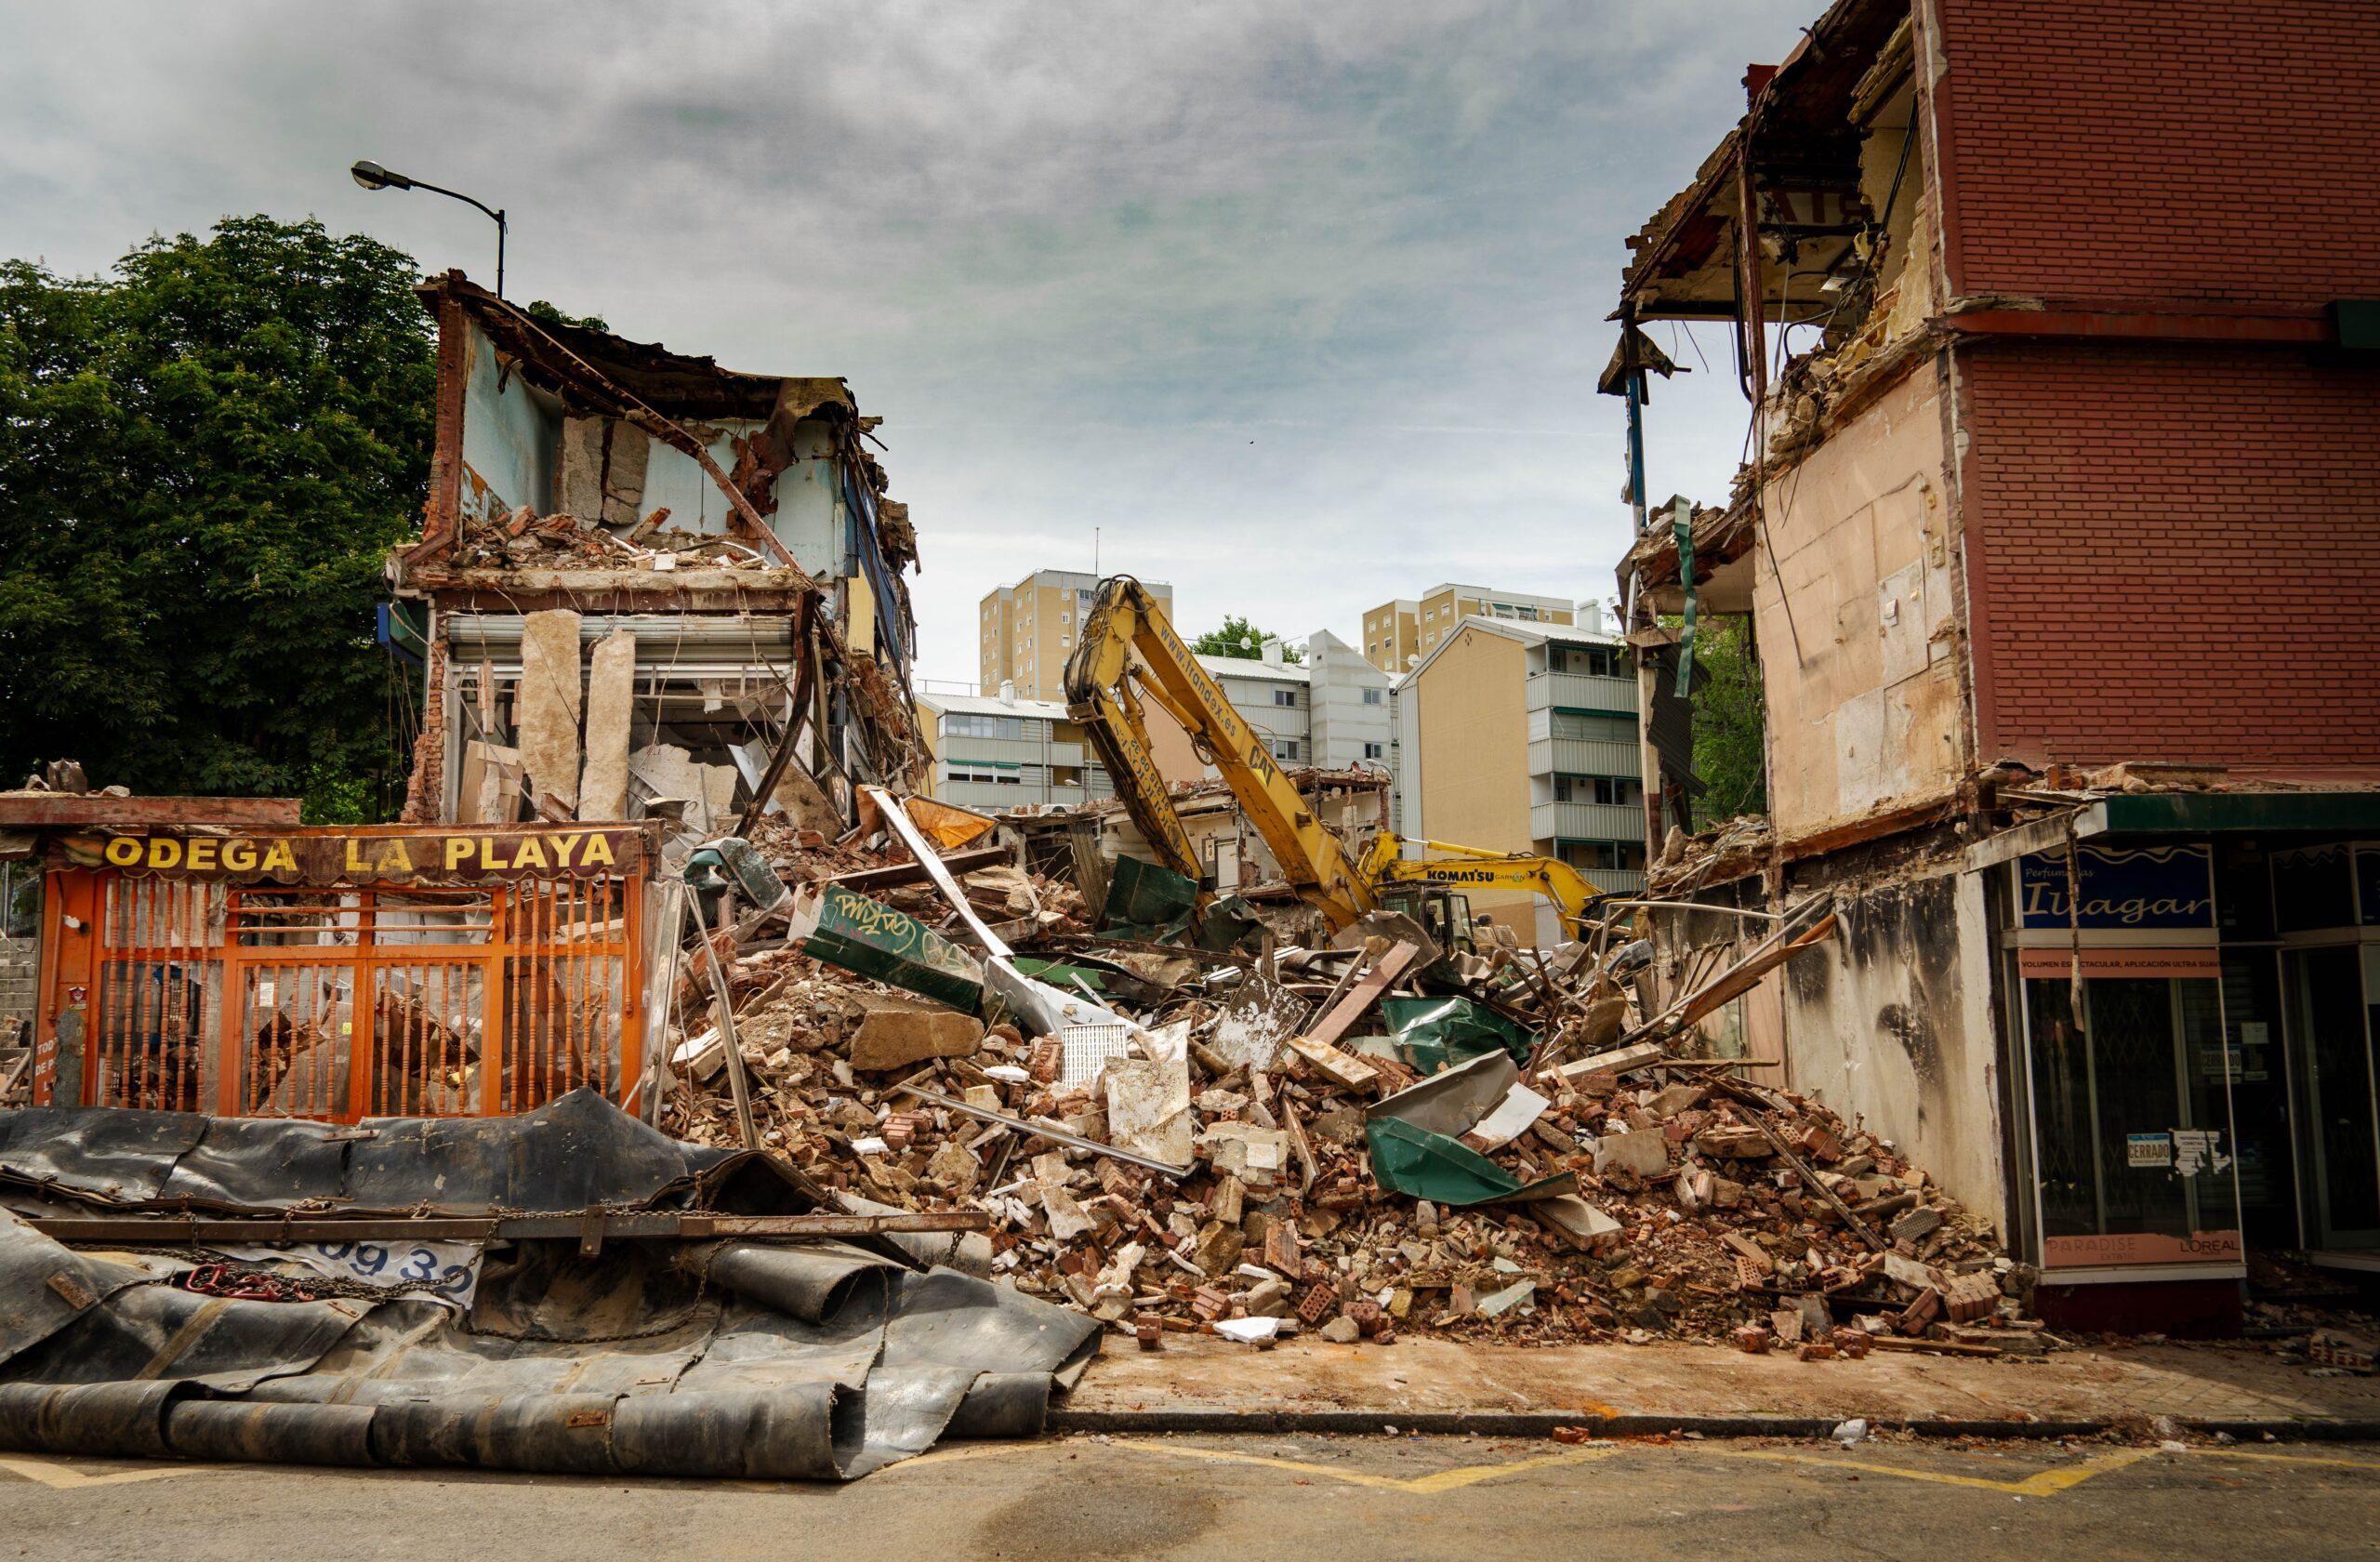 edilizia ordinanza demolizione avvio procedimento